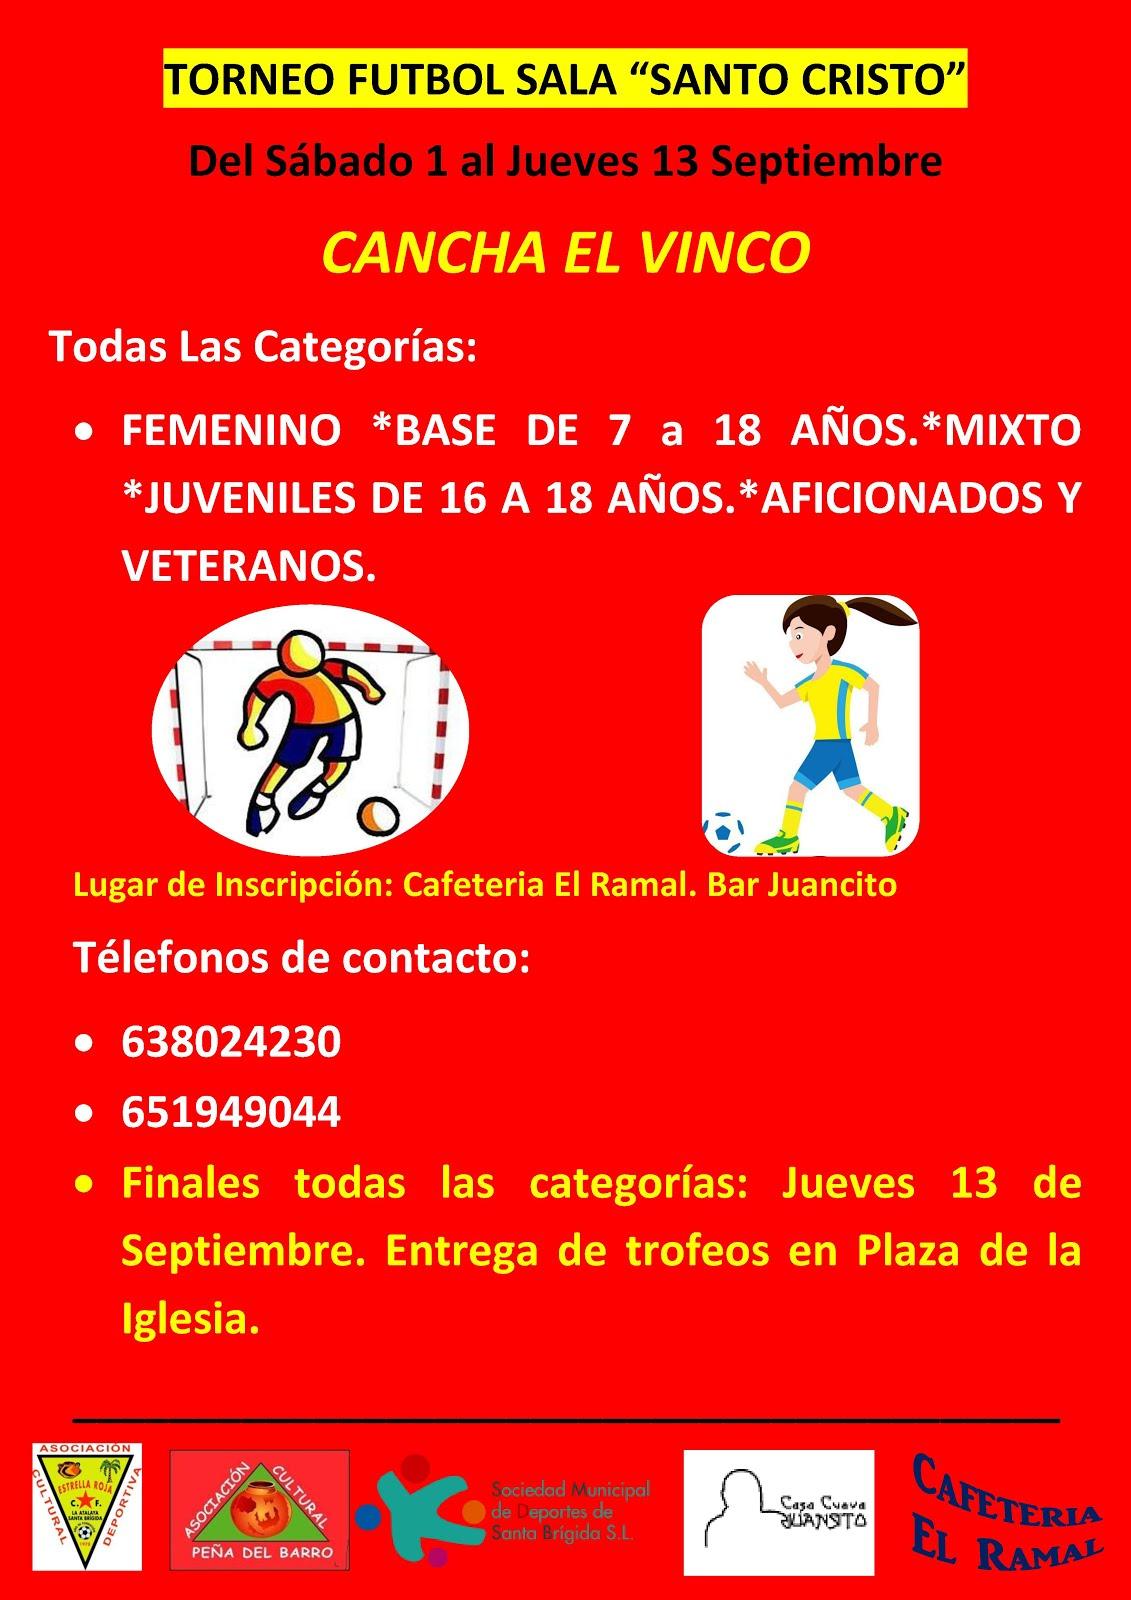 Campeonato Futbol Sala en La Atalaya Santa Brígida